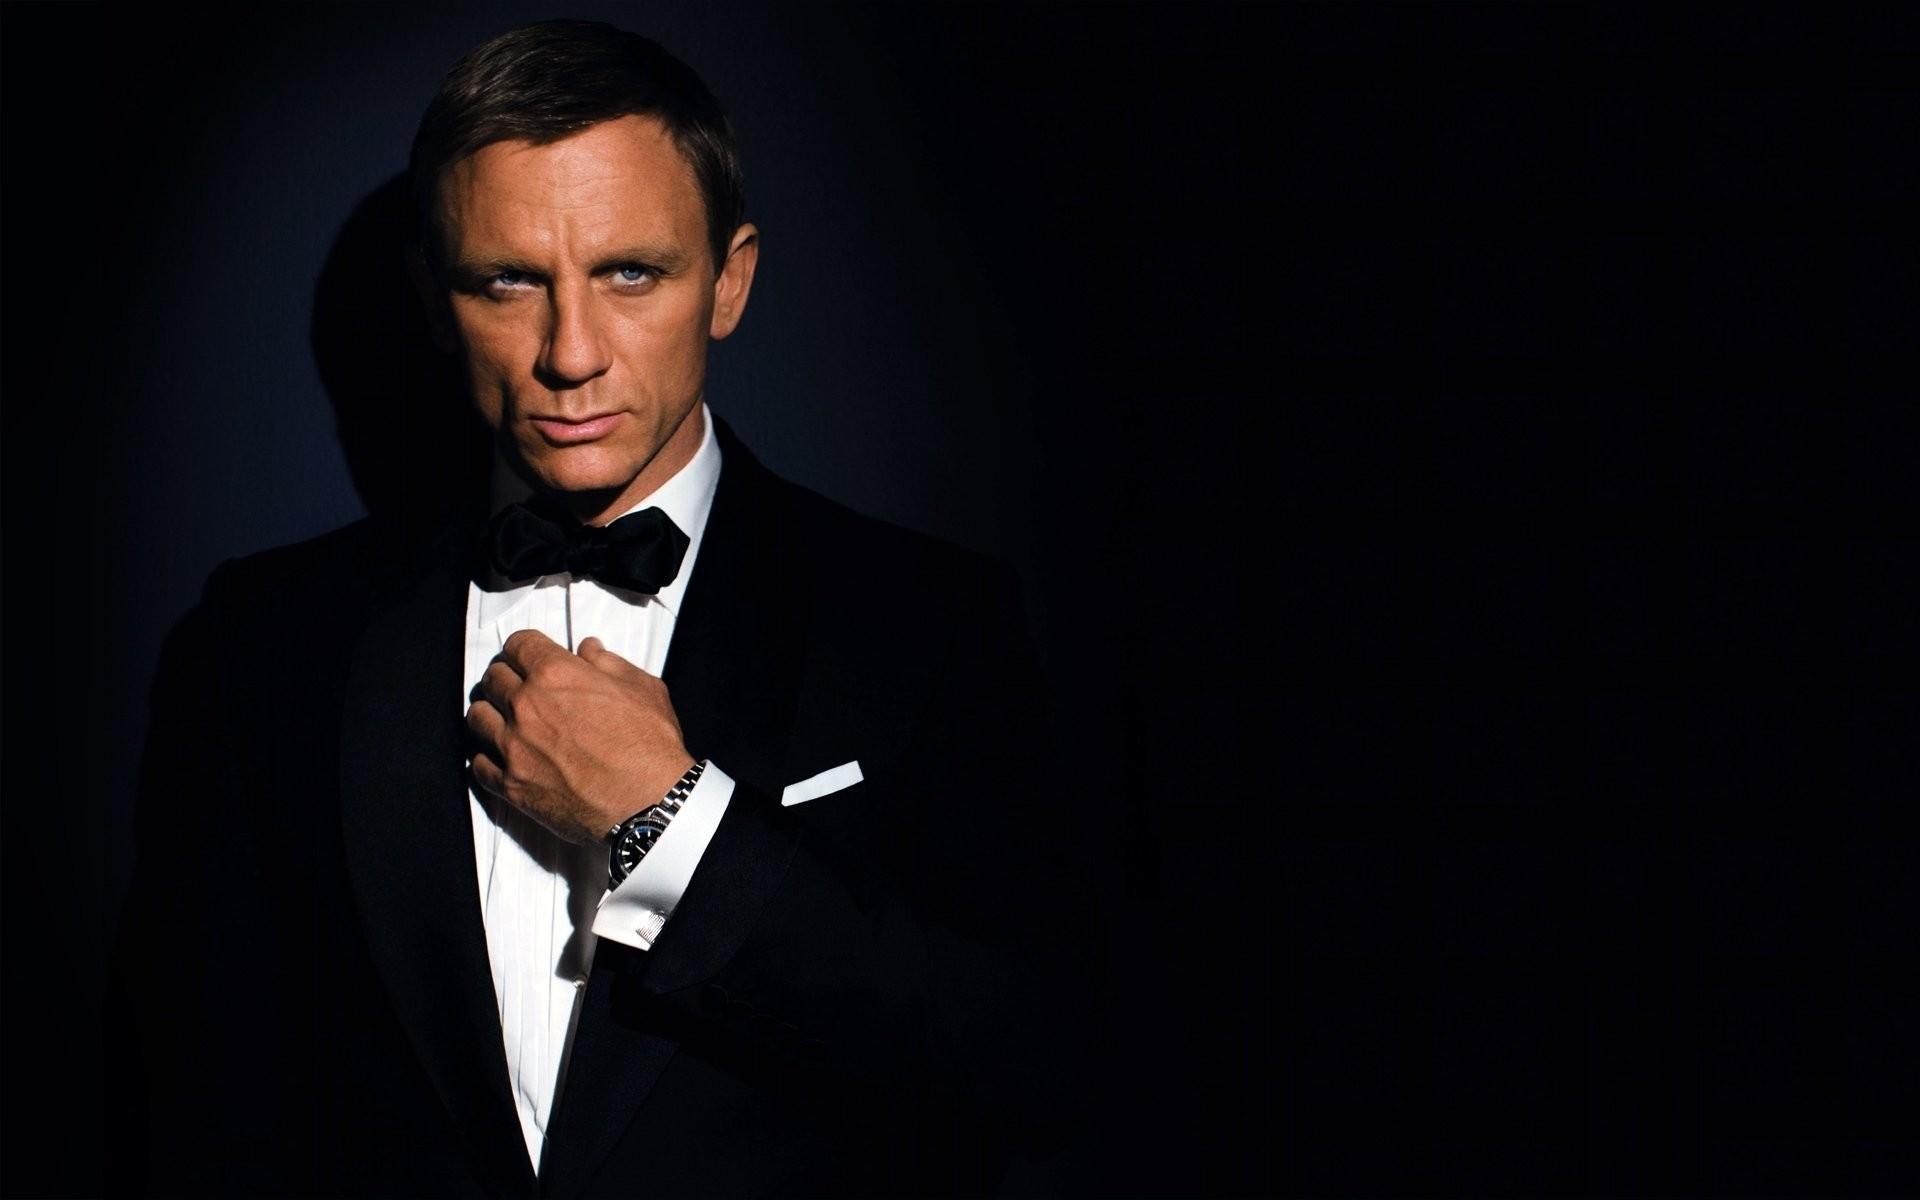 men actor james bond daniel craig suit dark background watches